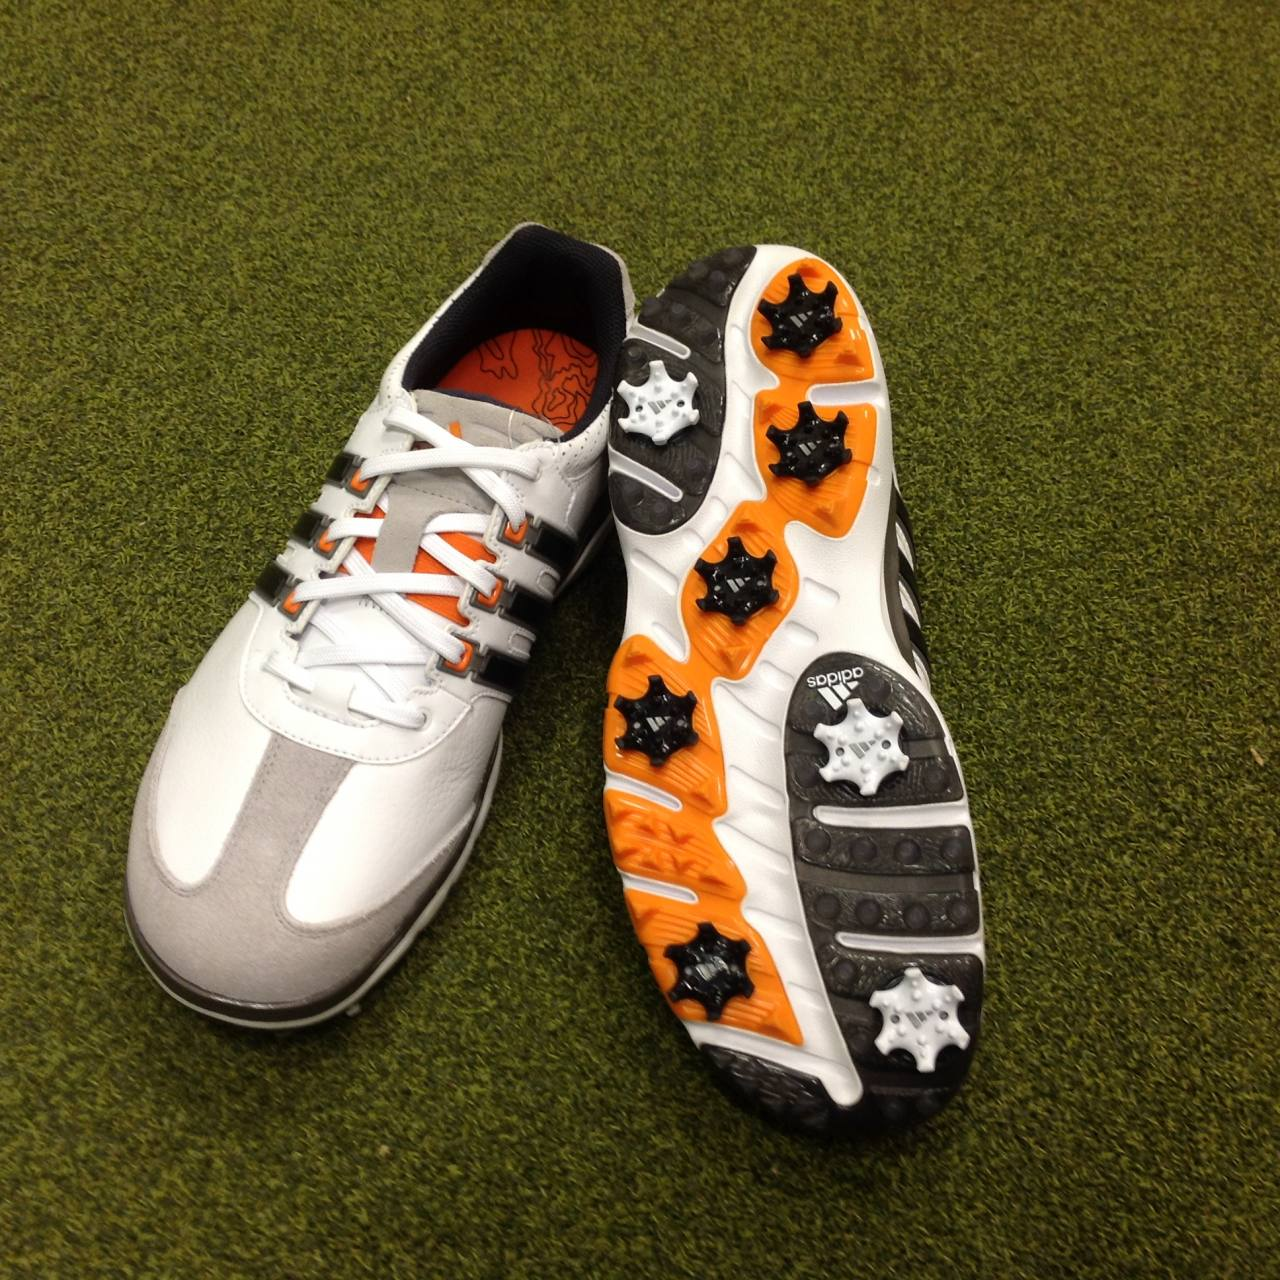 bf2dd0d47960 NEW Adidas Adipure Ergo Golf Shoes - UK Size 8.5 - US 9 - EU 42 2/3 ...